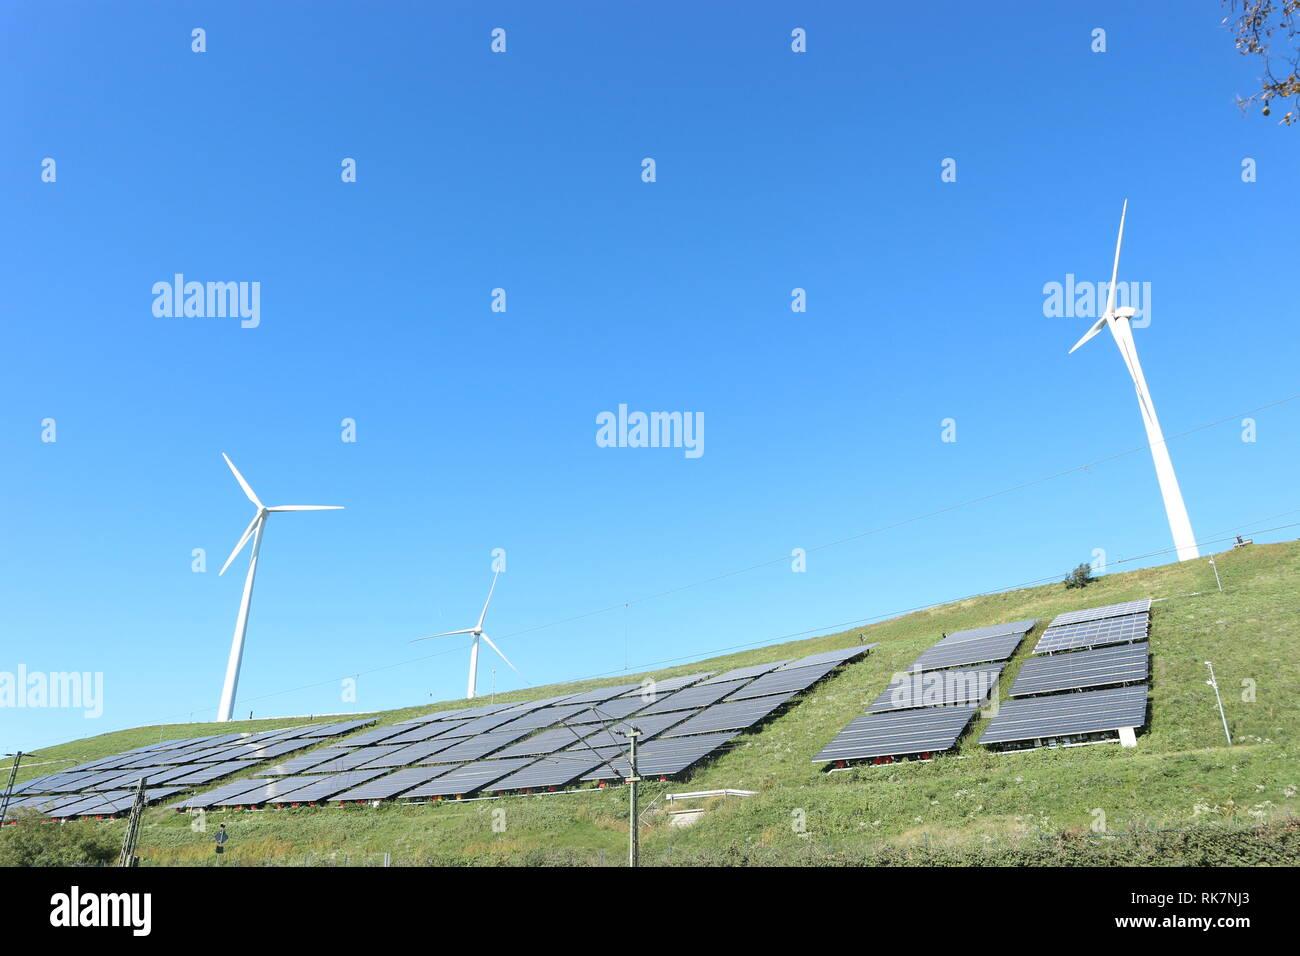 Celda del relleno sanitario restaurado con células fotovoltaicas y aerogenerador Imagen De Stock